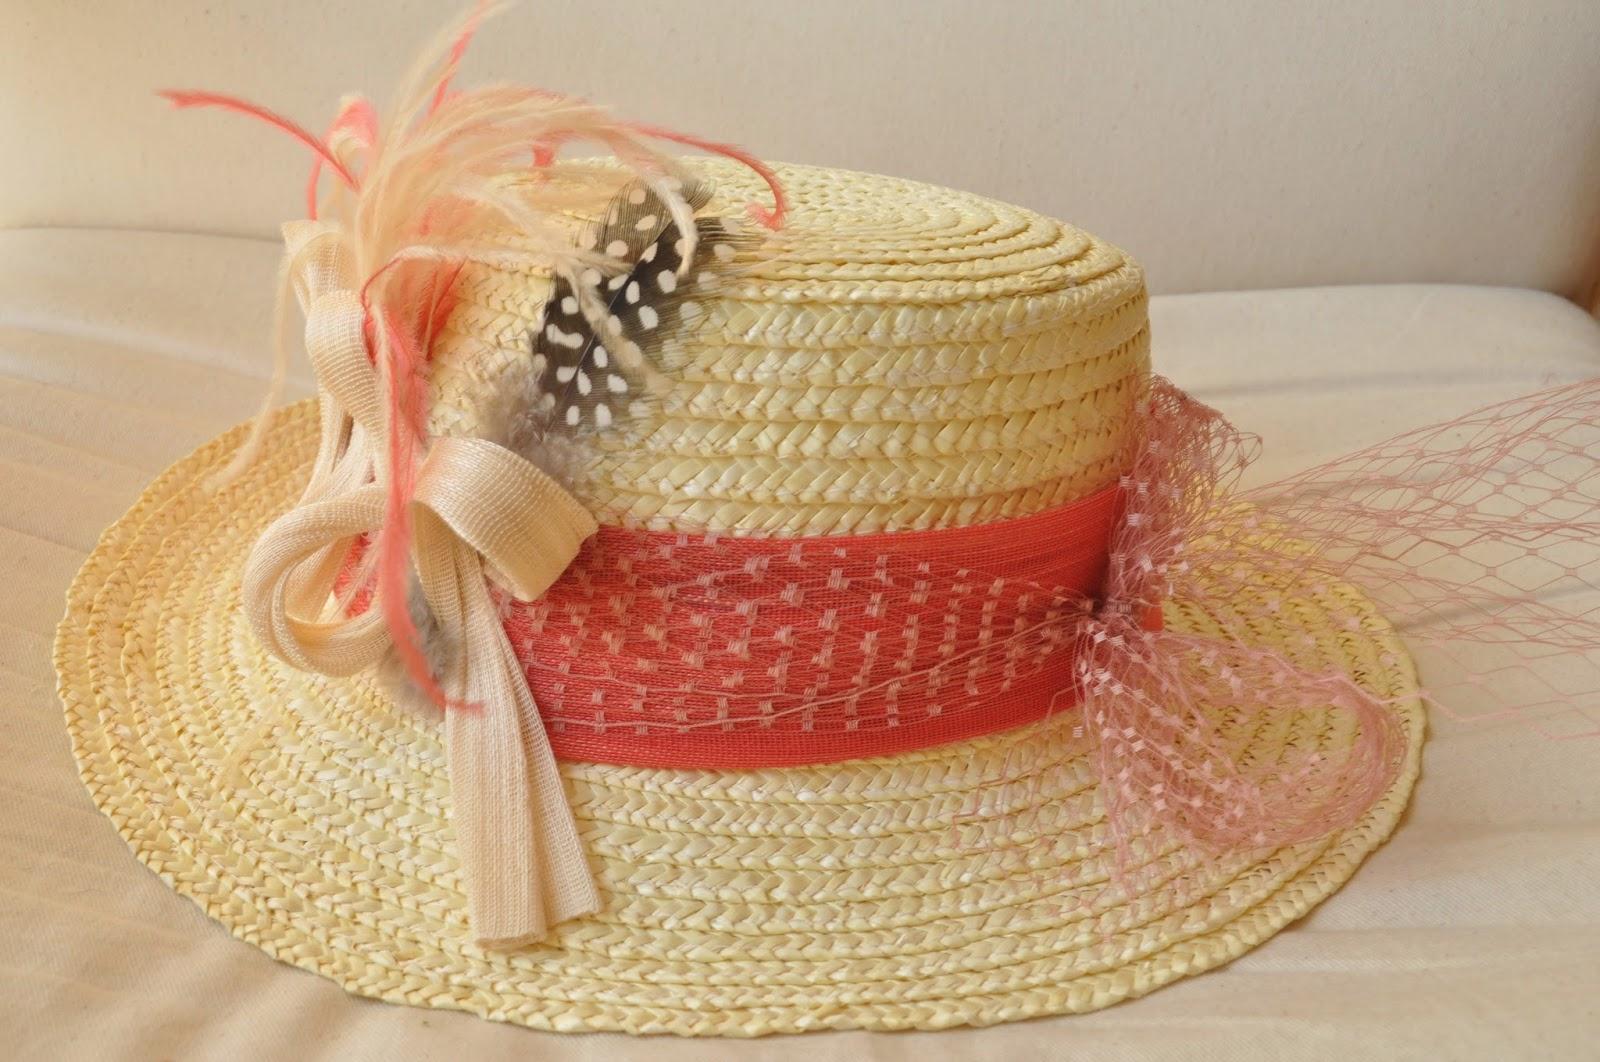 coral, canotier barato, canotier económico, tul, sinama de seda, sombreros baratos, sombreros económicos